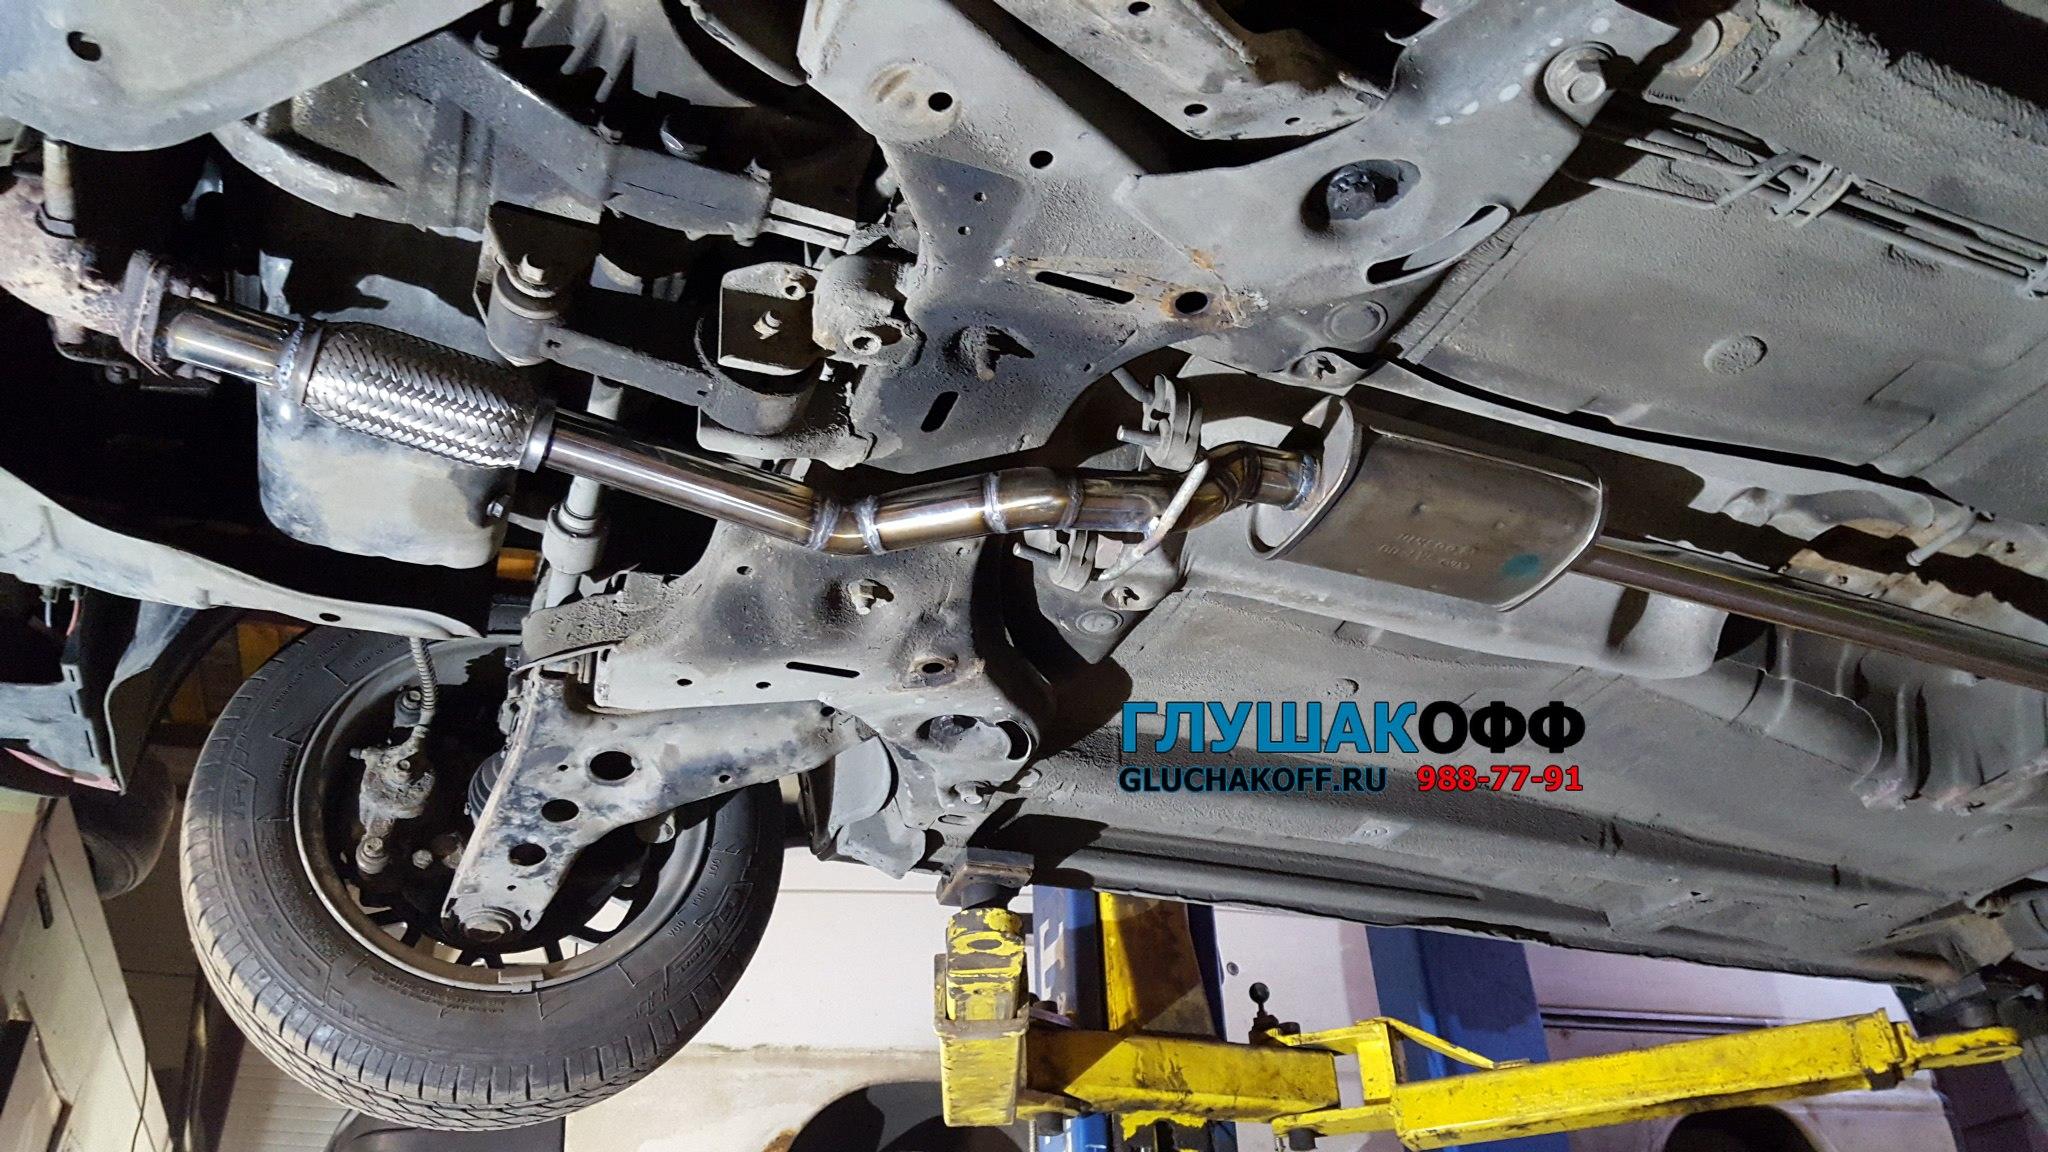 Kia Picanto - Замена штатной выхлопной системы на нержавейку